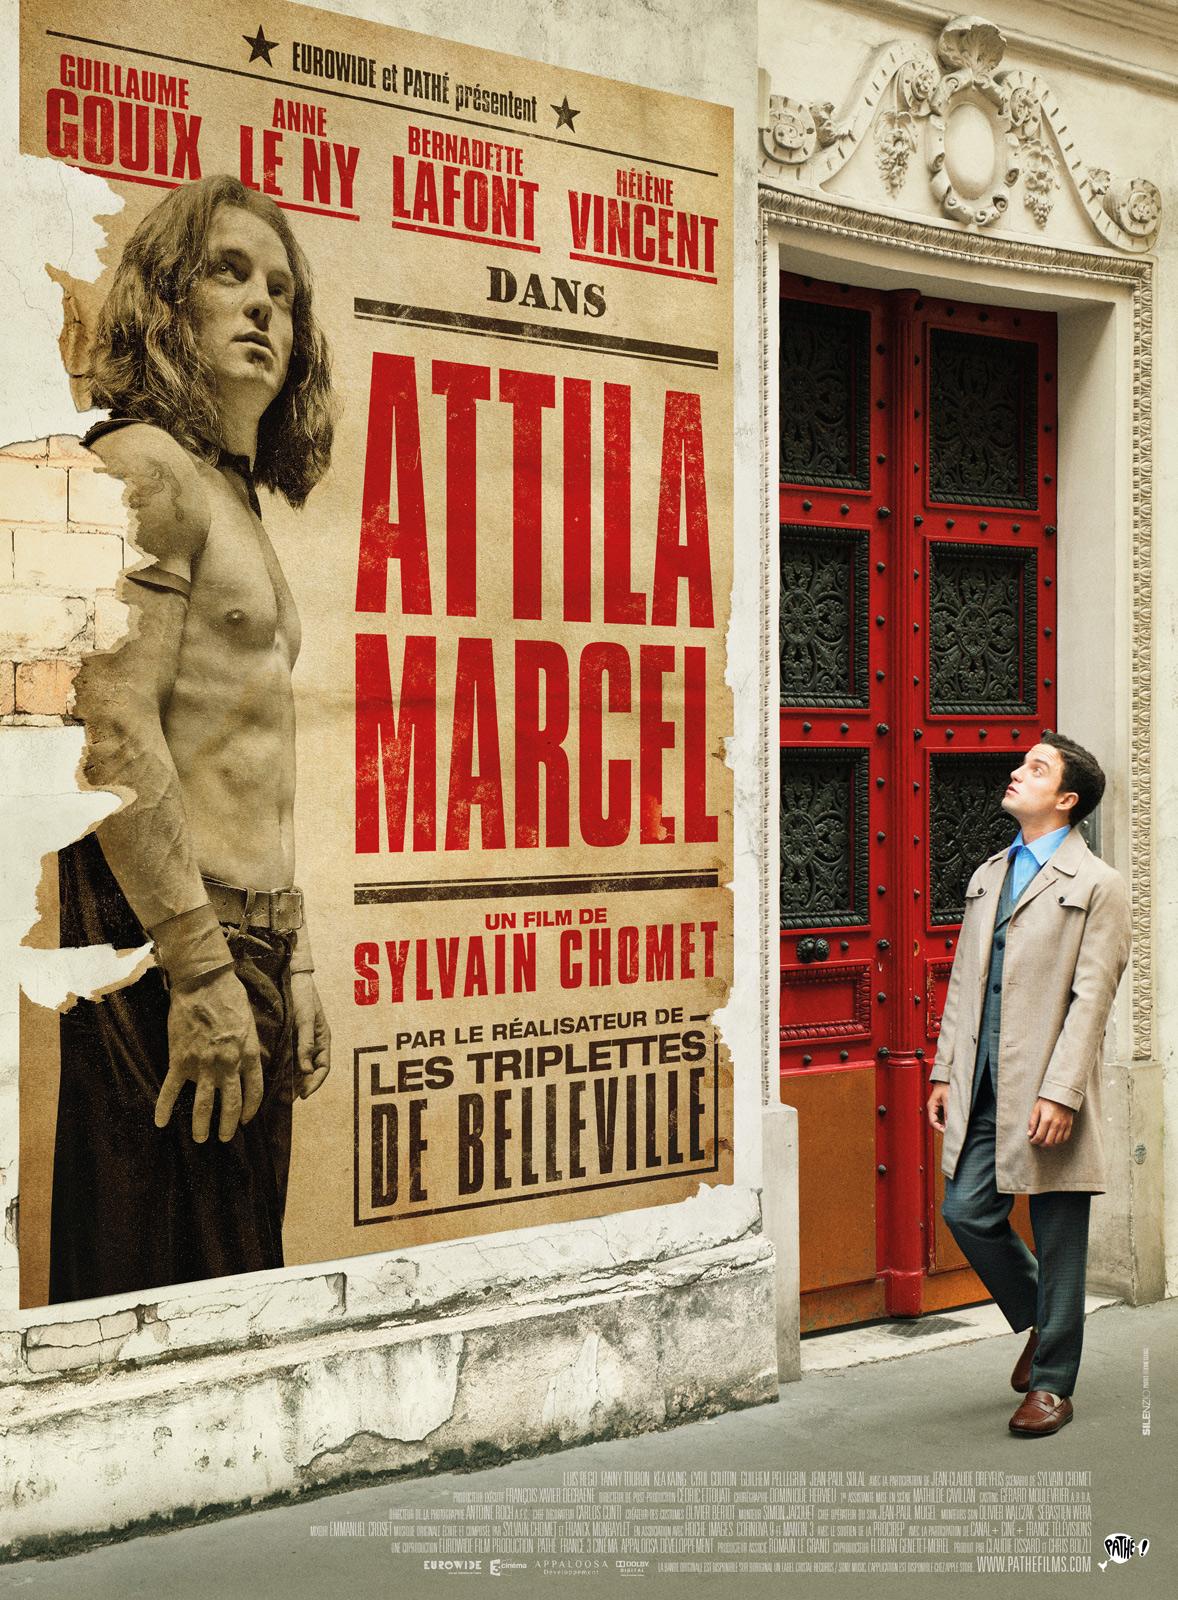 Attila Marcel dvdrip